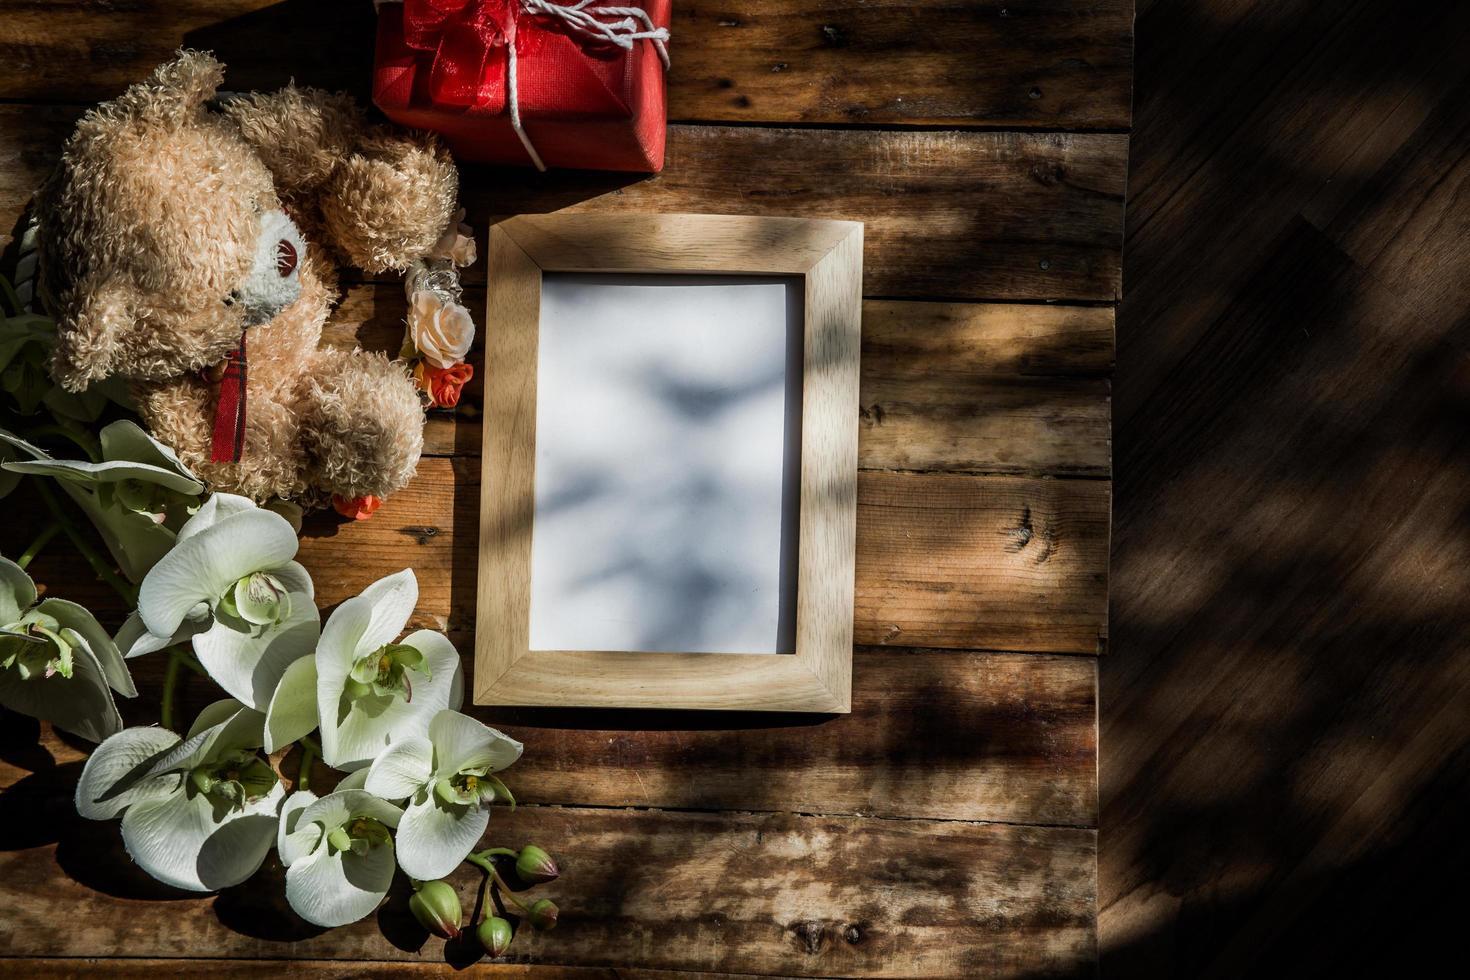 vue de dessus du cadre photo avec ombre d'arbre